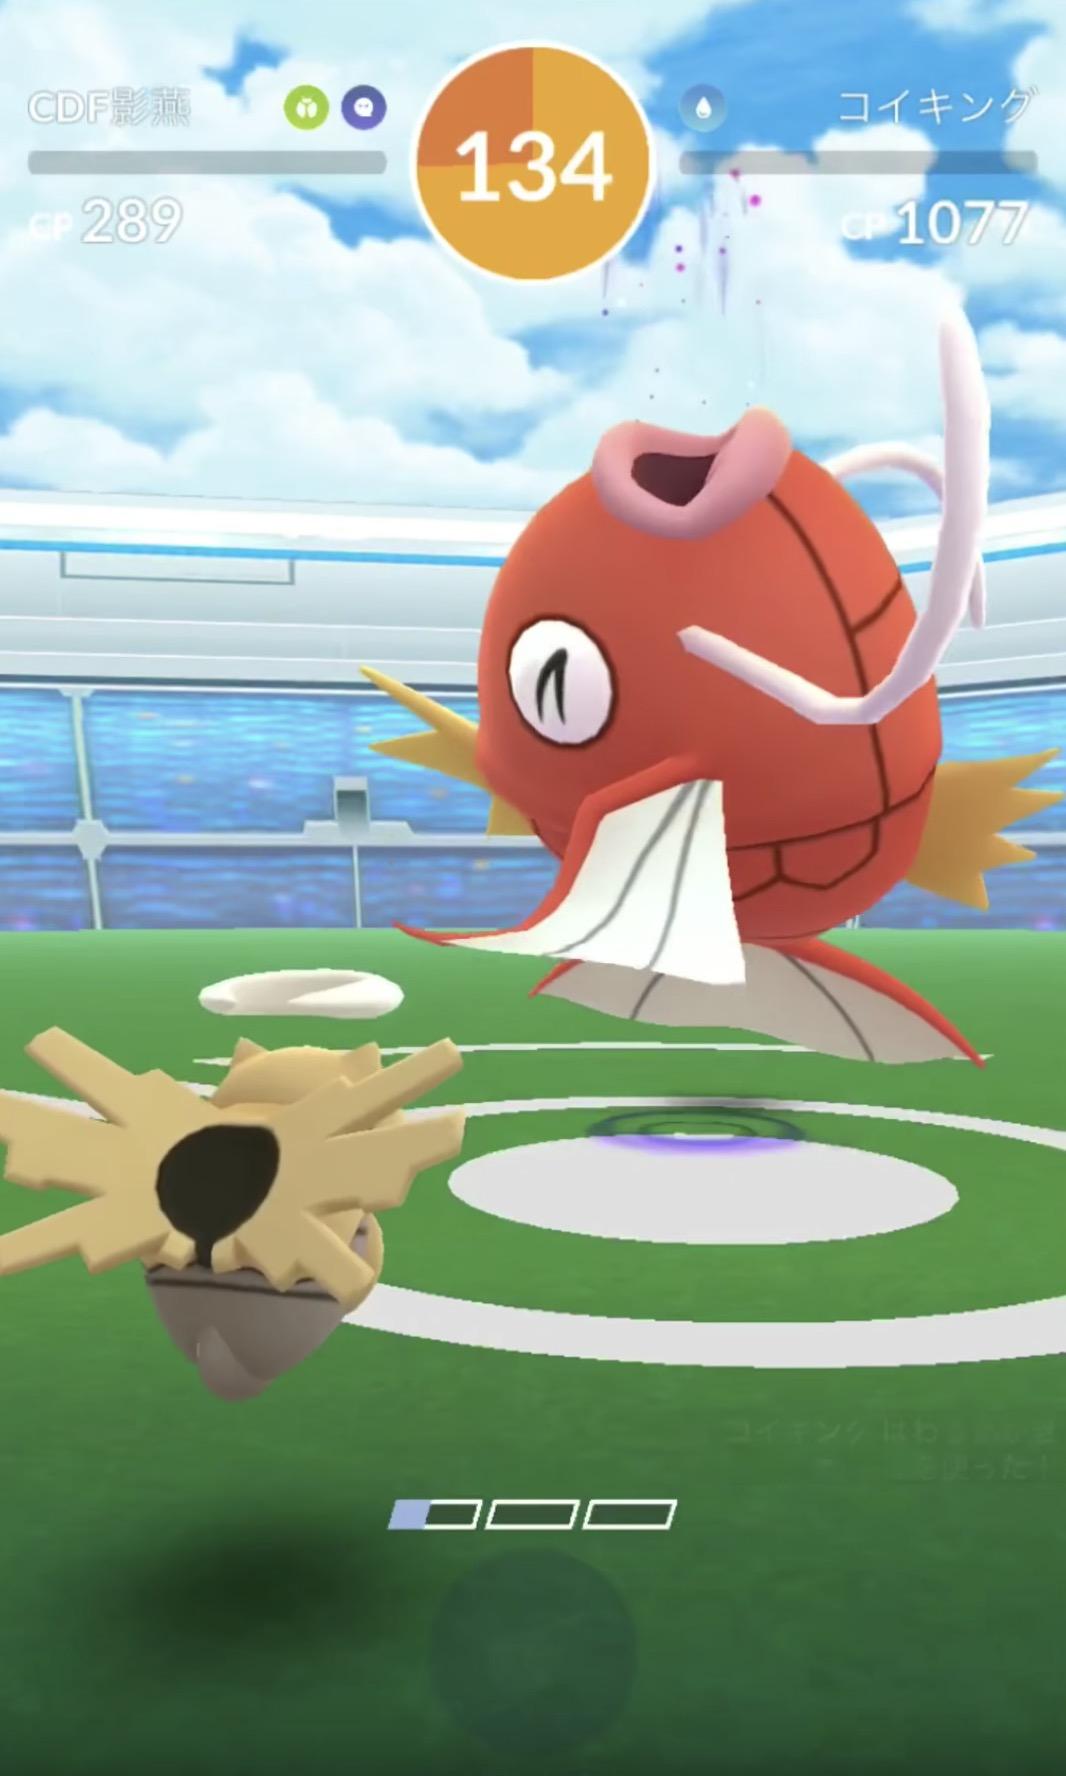 と ポケモン go 2 チャレンジャー 人 対戦 【ポケモンGO】トレーナーバトルの全て!対戦(PvP)のやり方について